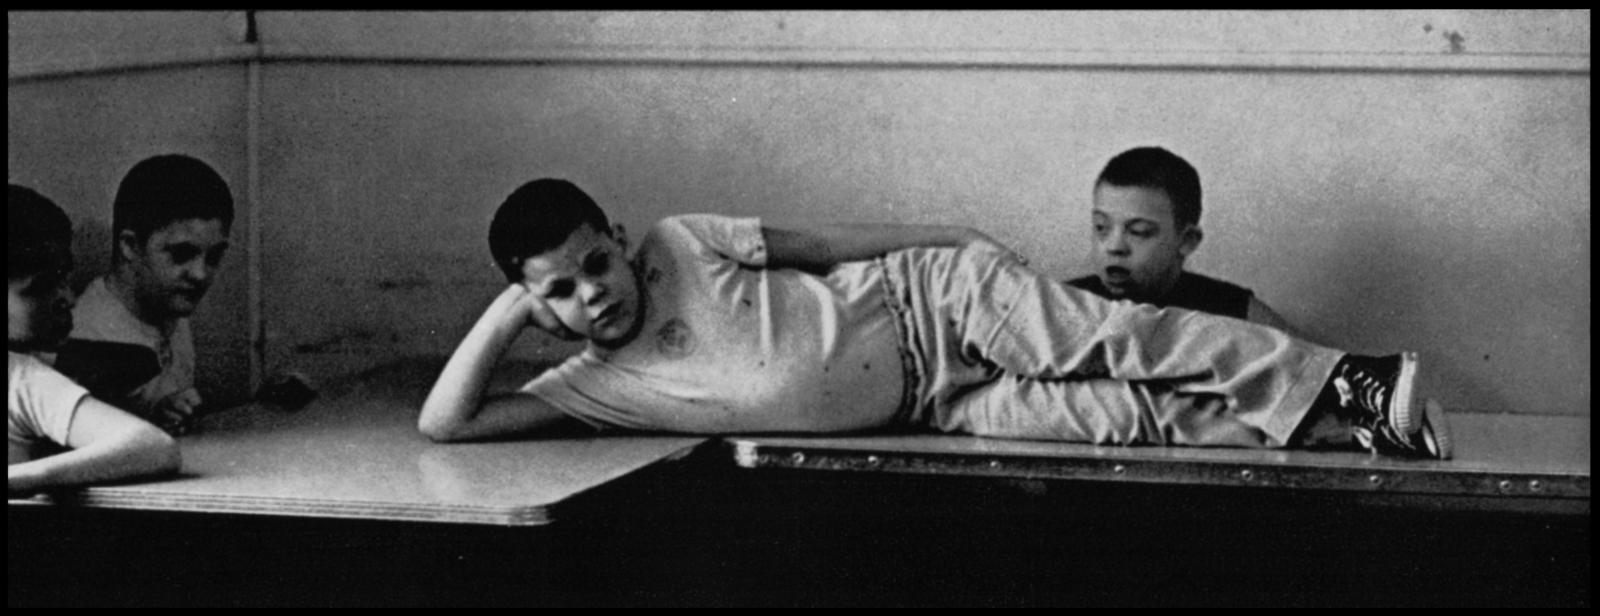 Children recline